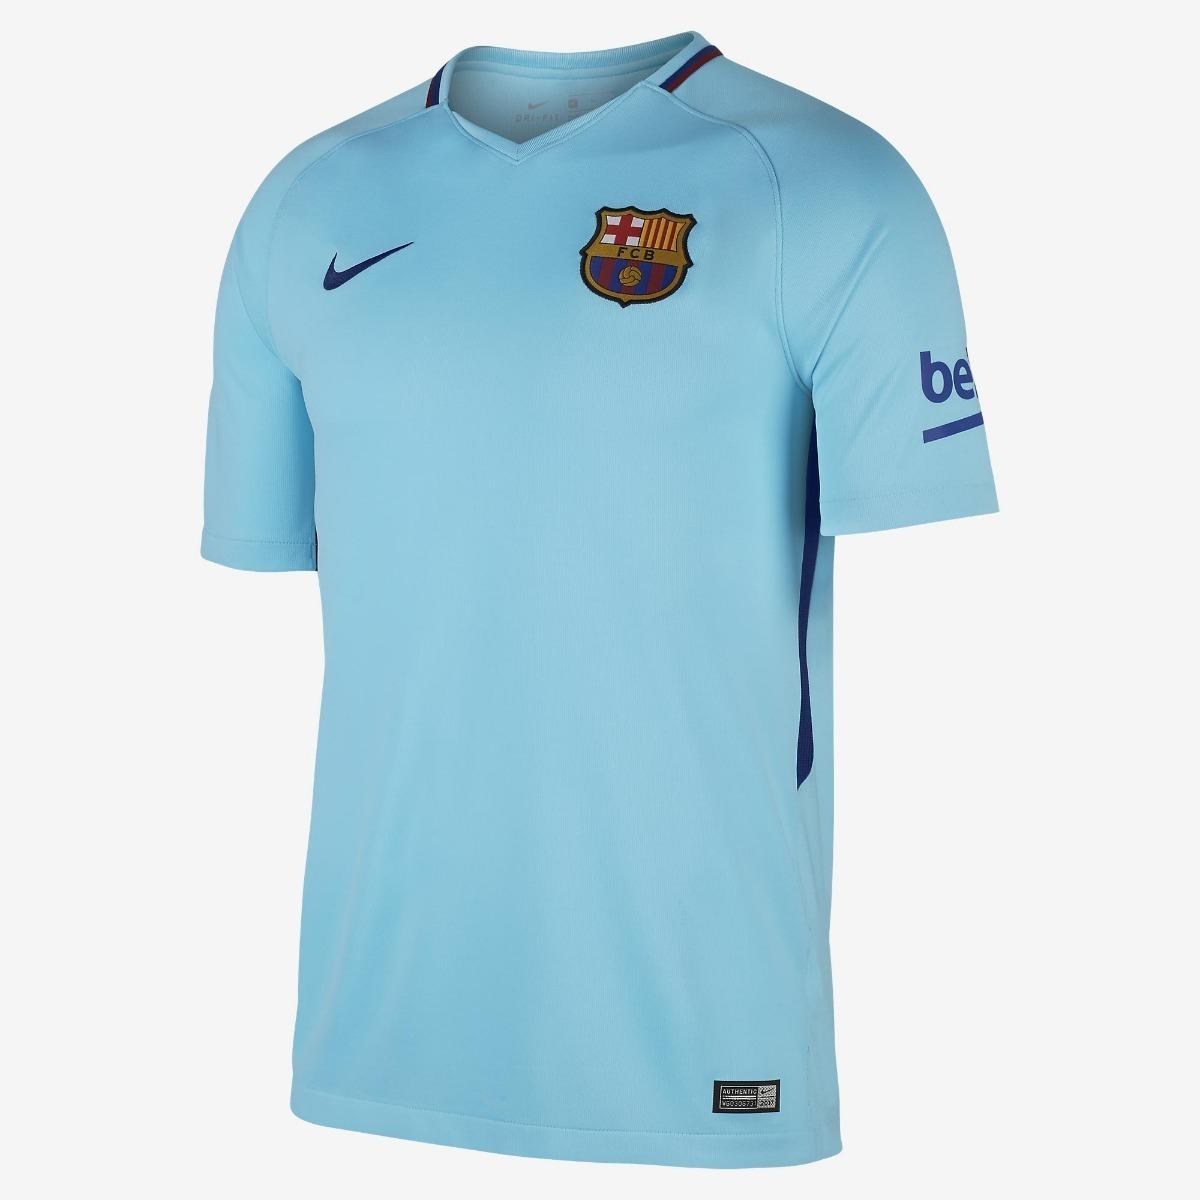 07e59851eeac8 camiseta camisa barcelona barça promoção imperdível s n 2018. Carregando  zoom.